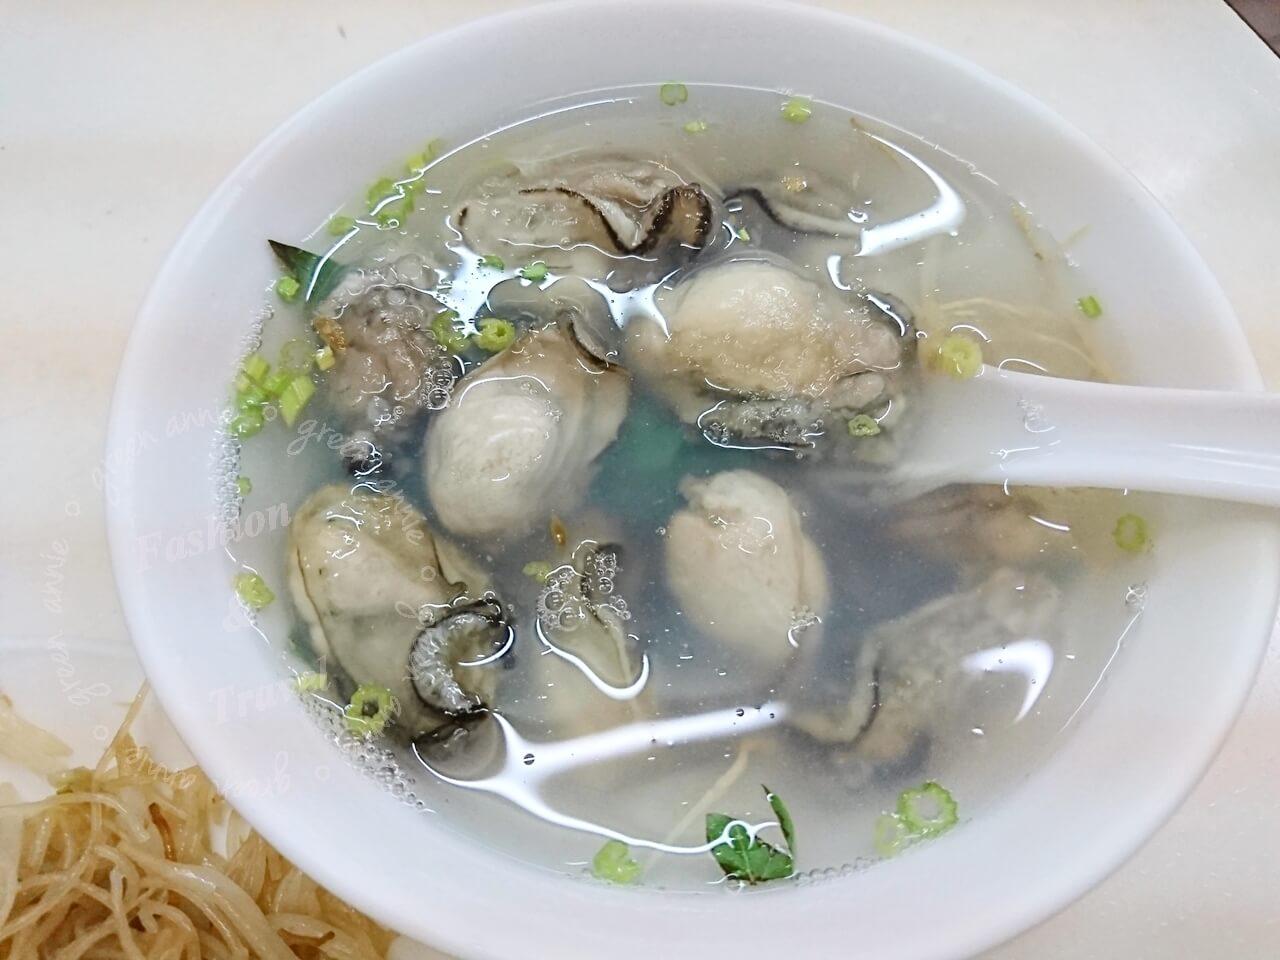 三重美食,明宏蚵仁湯四十年老店,蚵仔大顆又鮮甜